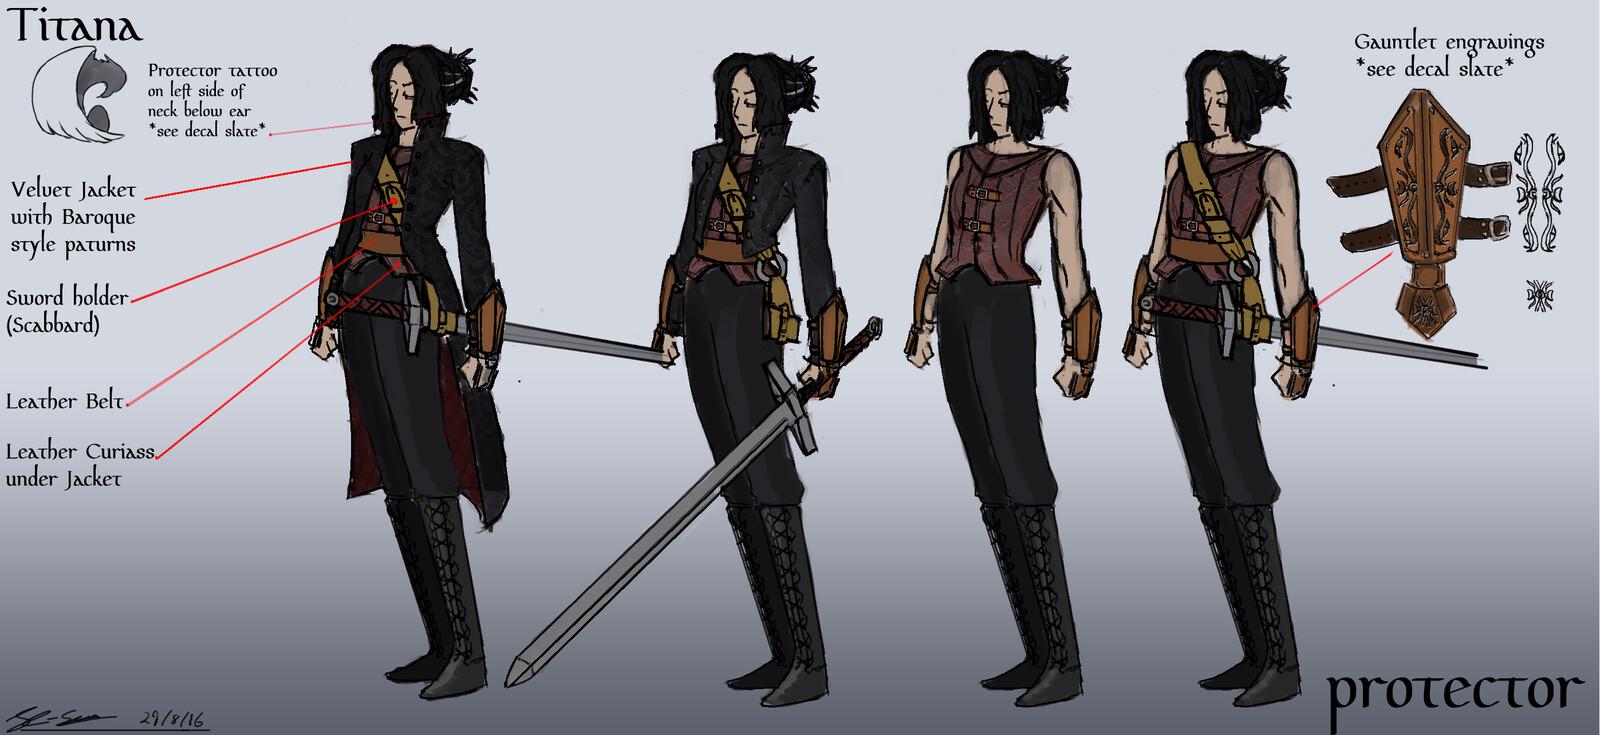 Final design for female villain